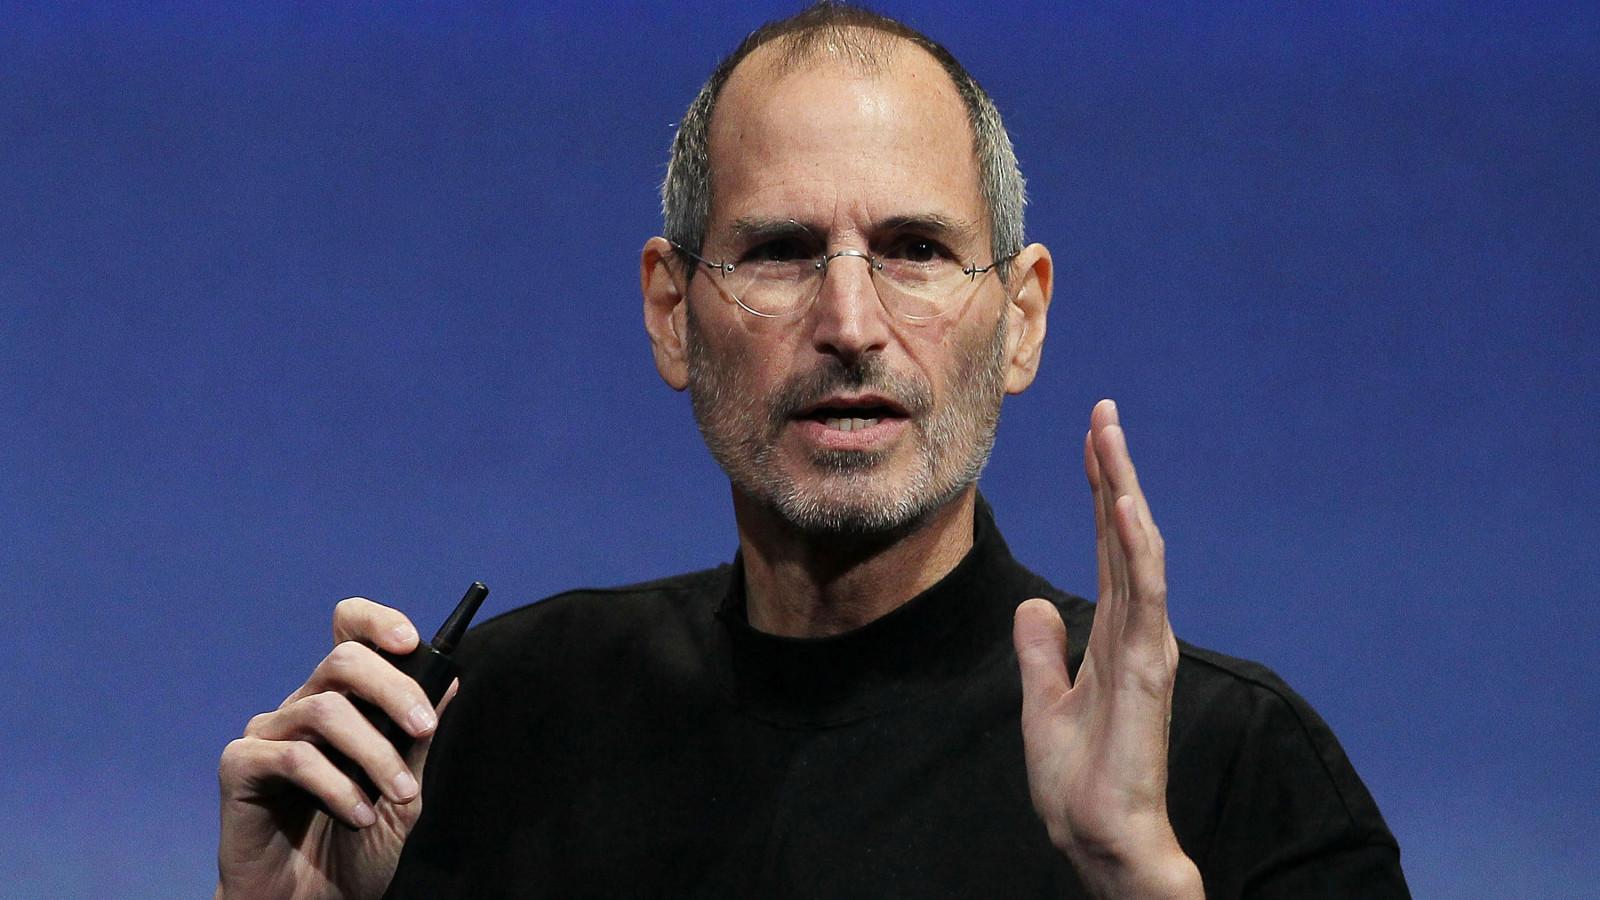 Steve Jobs hält einen Vortrag in seinem schwarzen Pullover